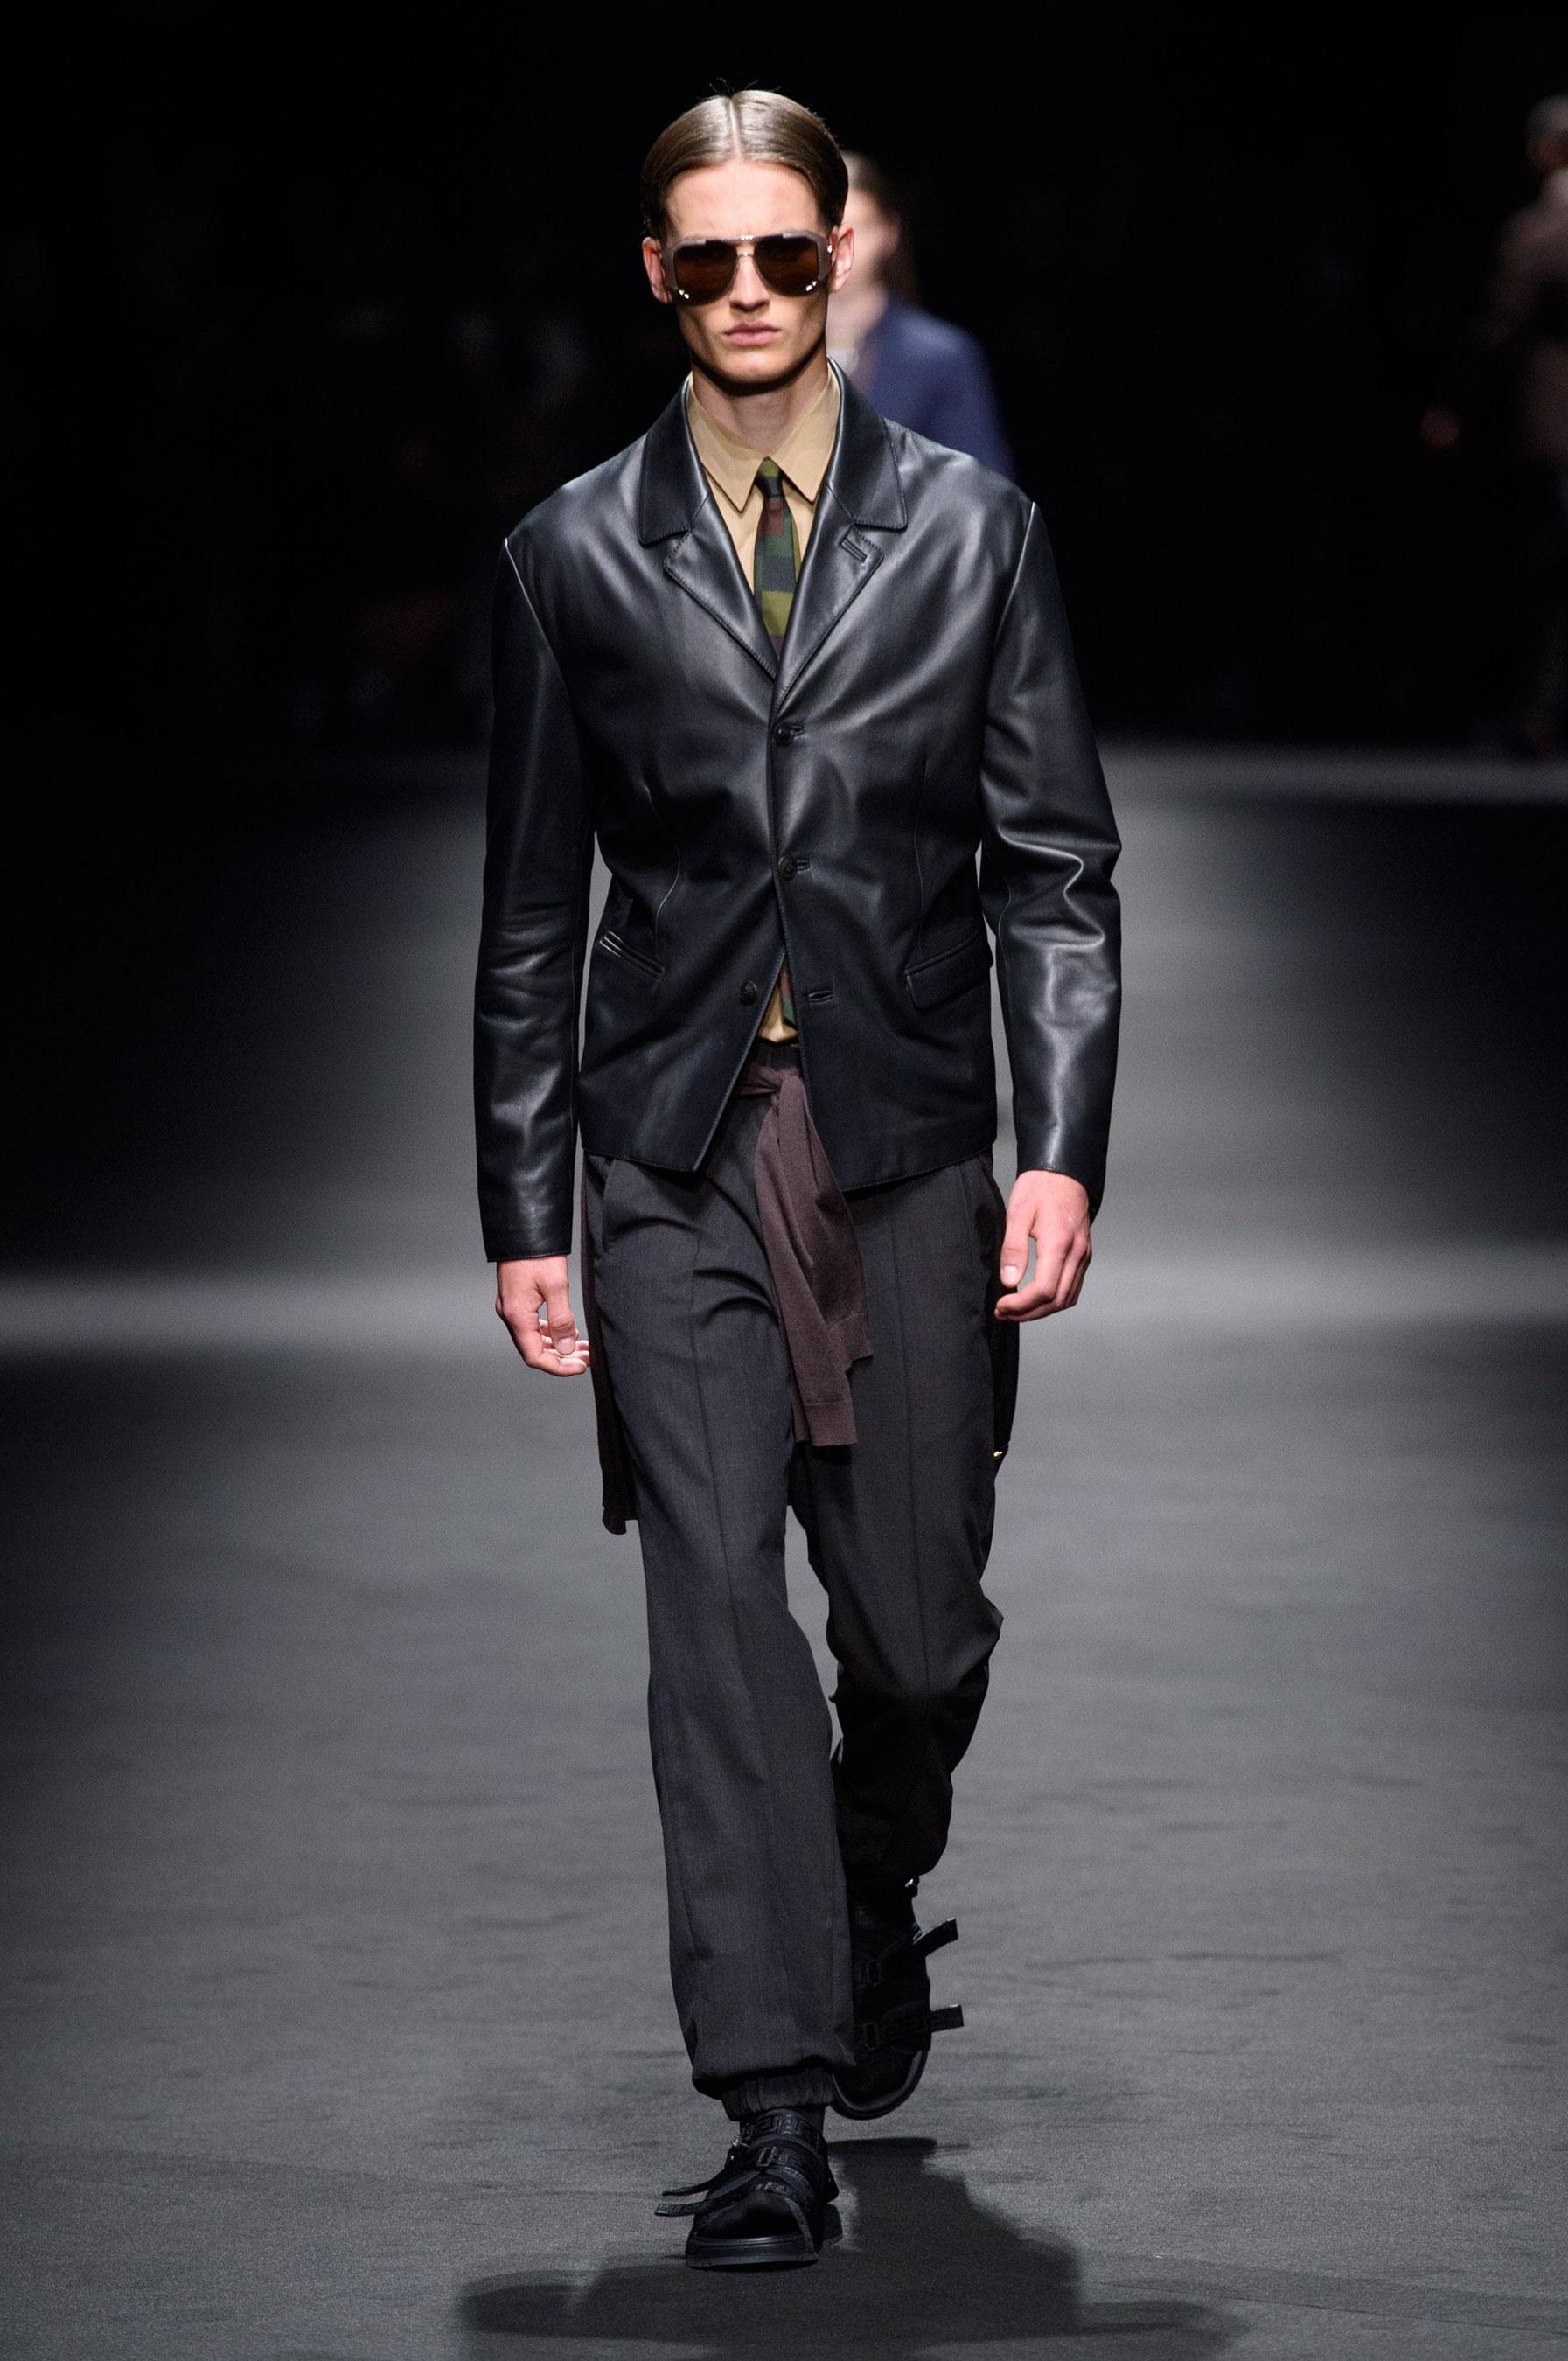 65c7b48a8fa7 Défilé Versace Printemps-été 2017 Homme - Madame Figaro